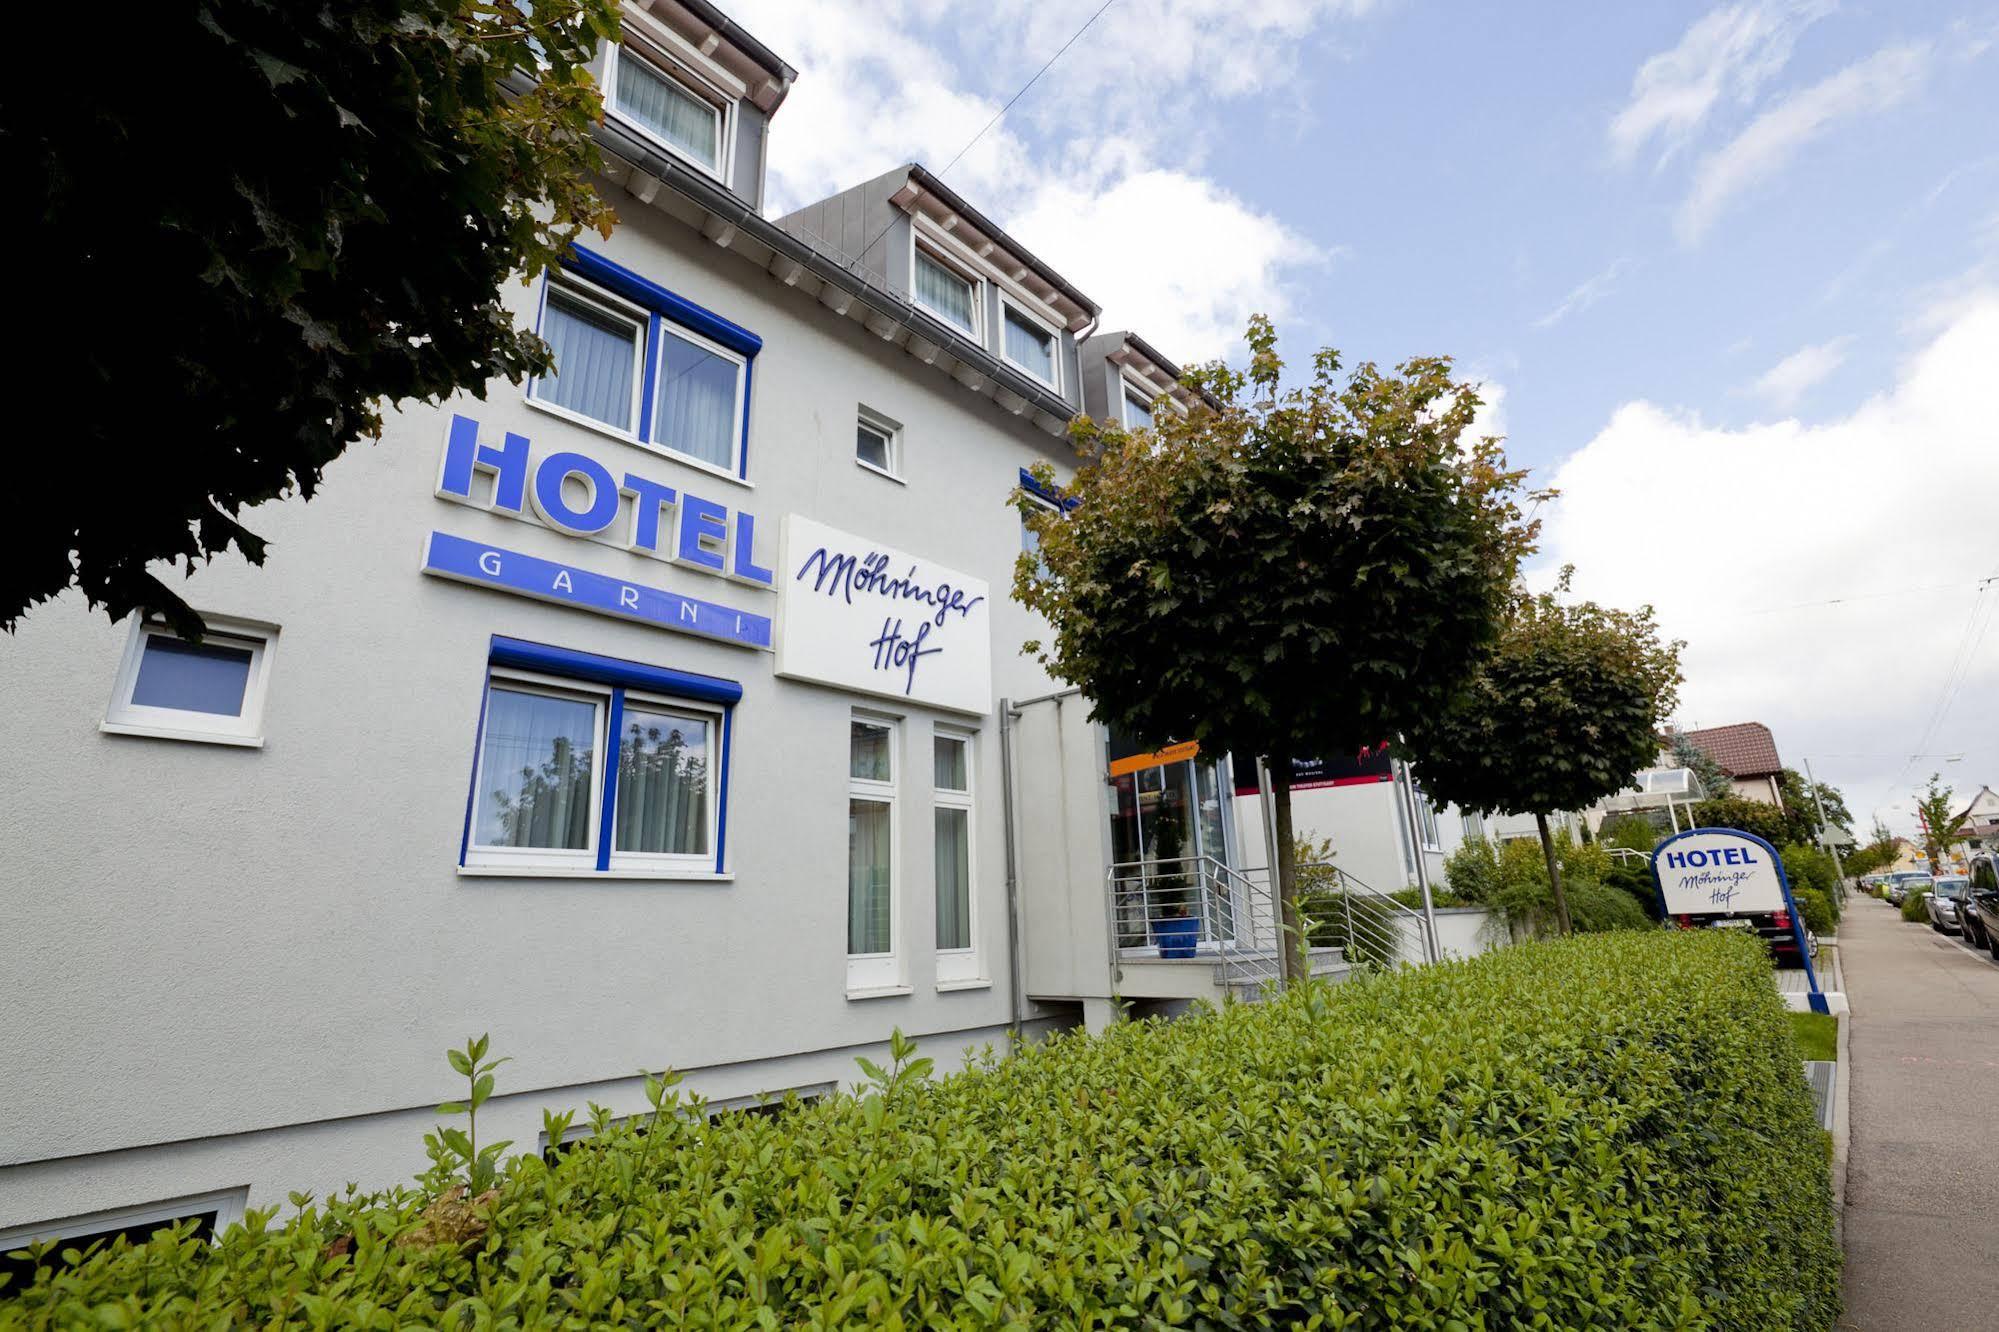 Akzent Hotel Mohringer Hof Superior